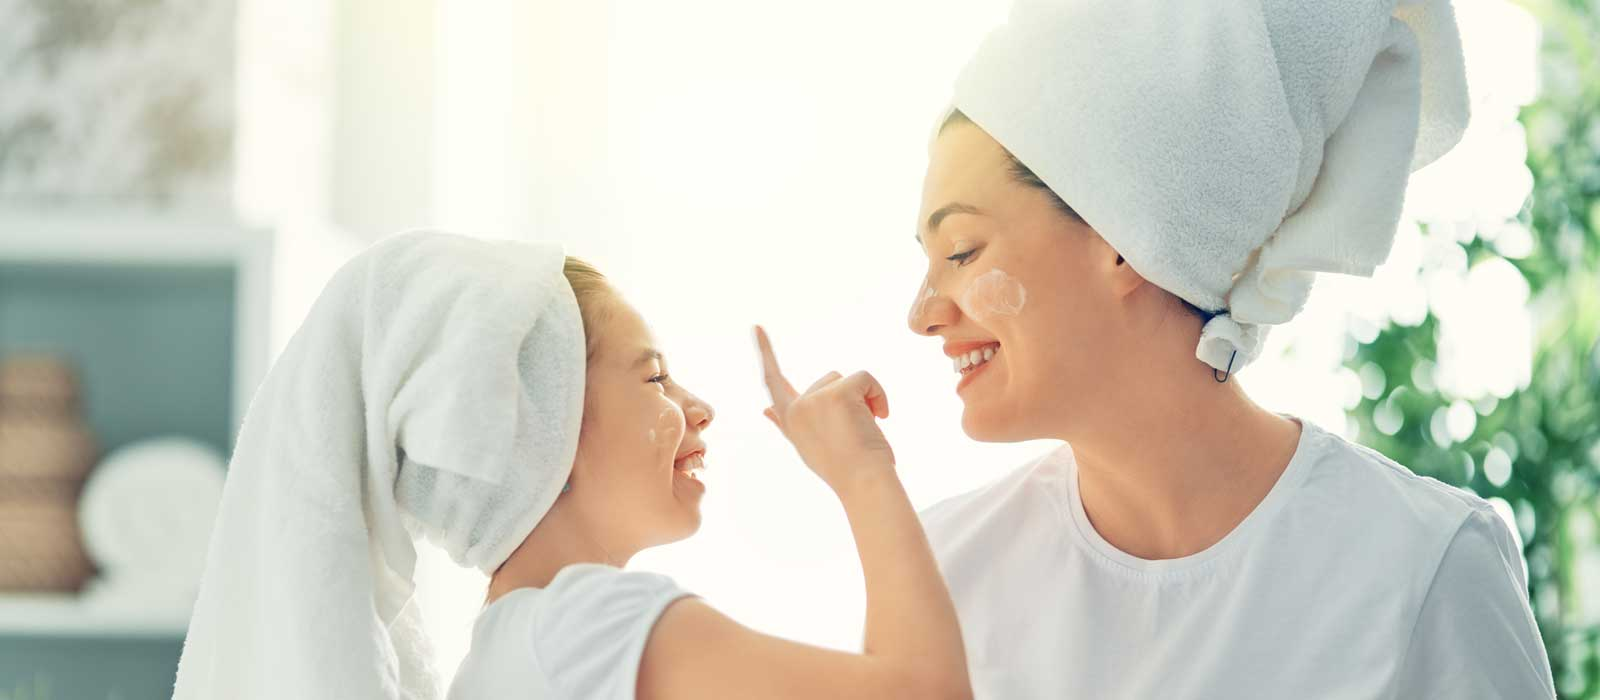 Symbolbild DERMASENCE zeigt eine Mutter mit der Tochter beim Eincremen